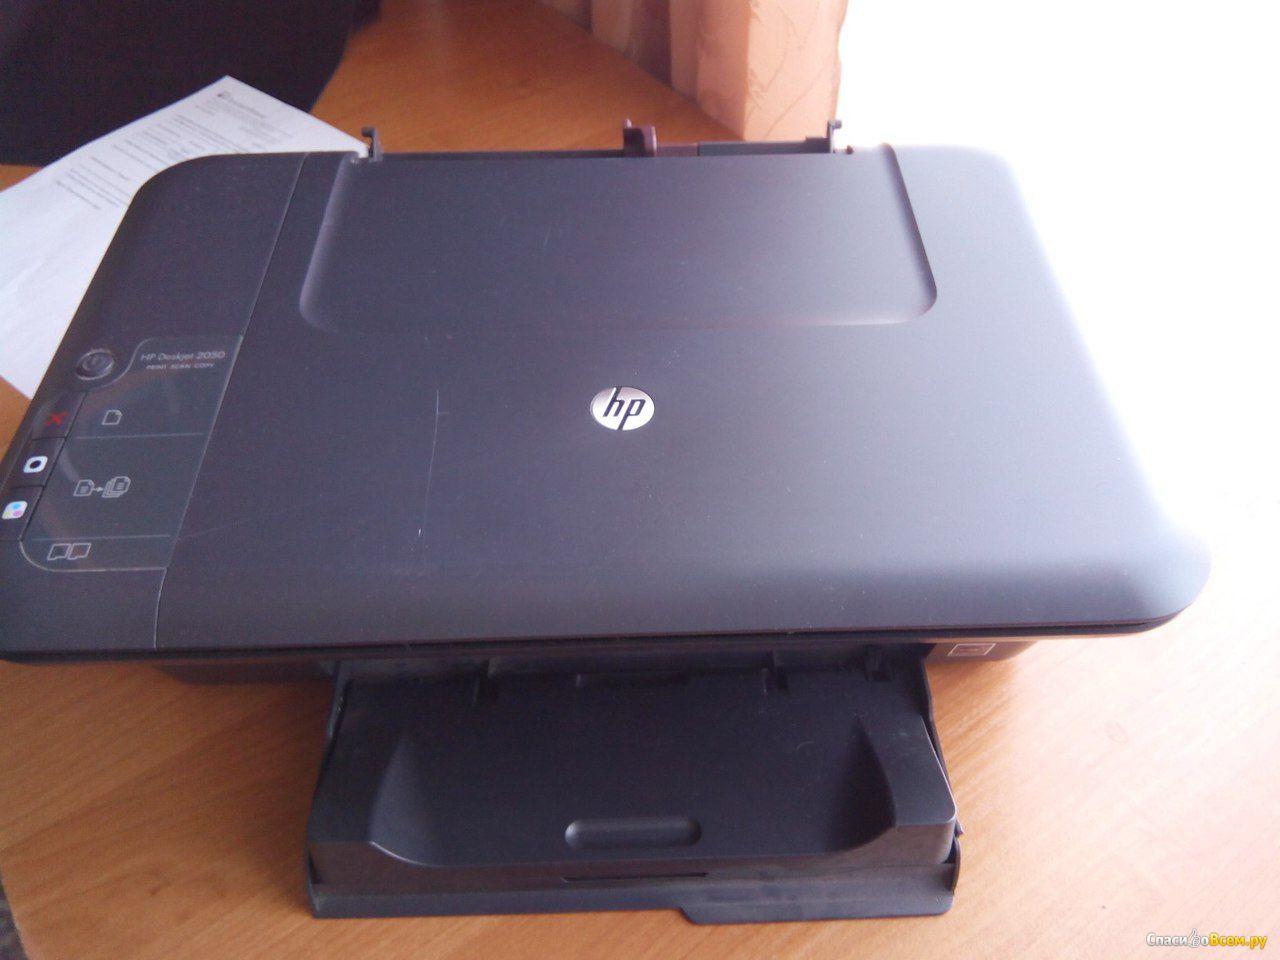 Скачать драйвера на принтер hp deskjet 2510